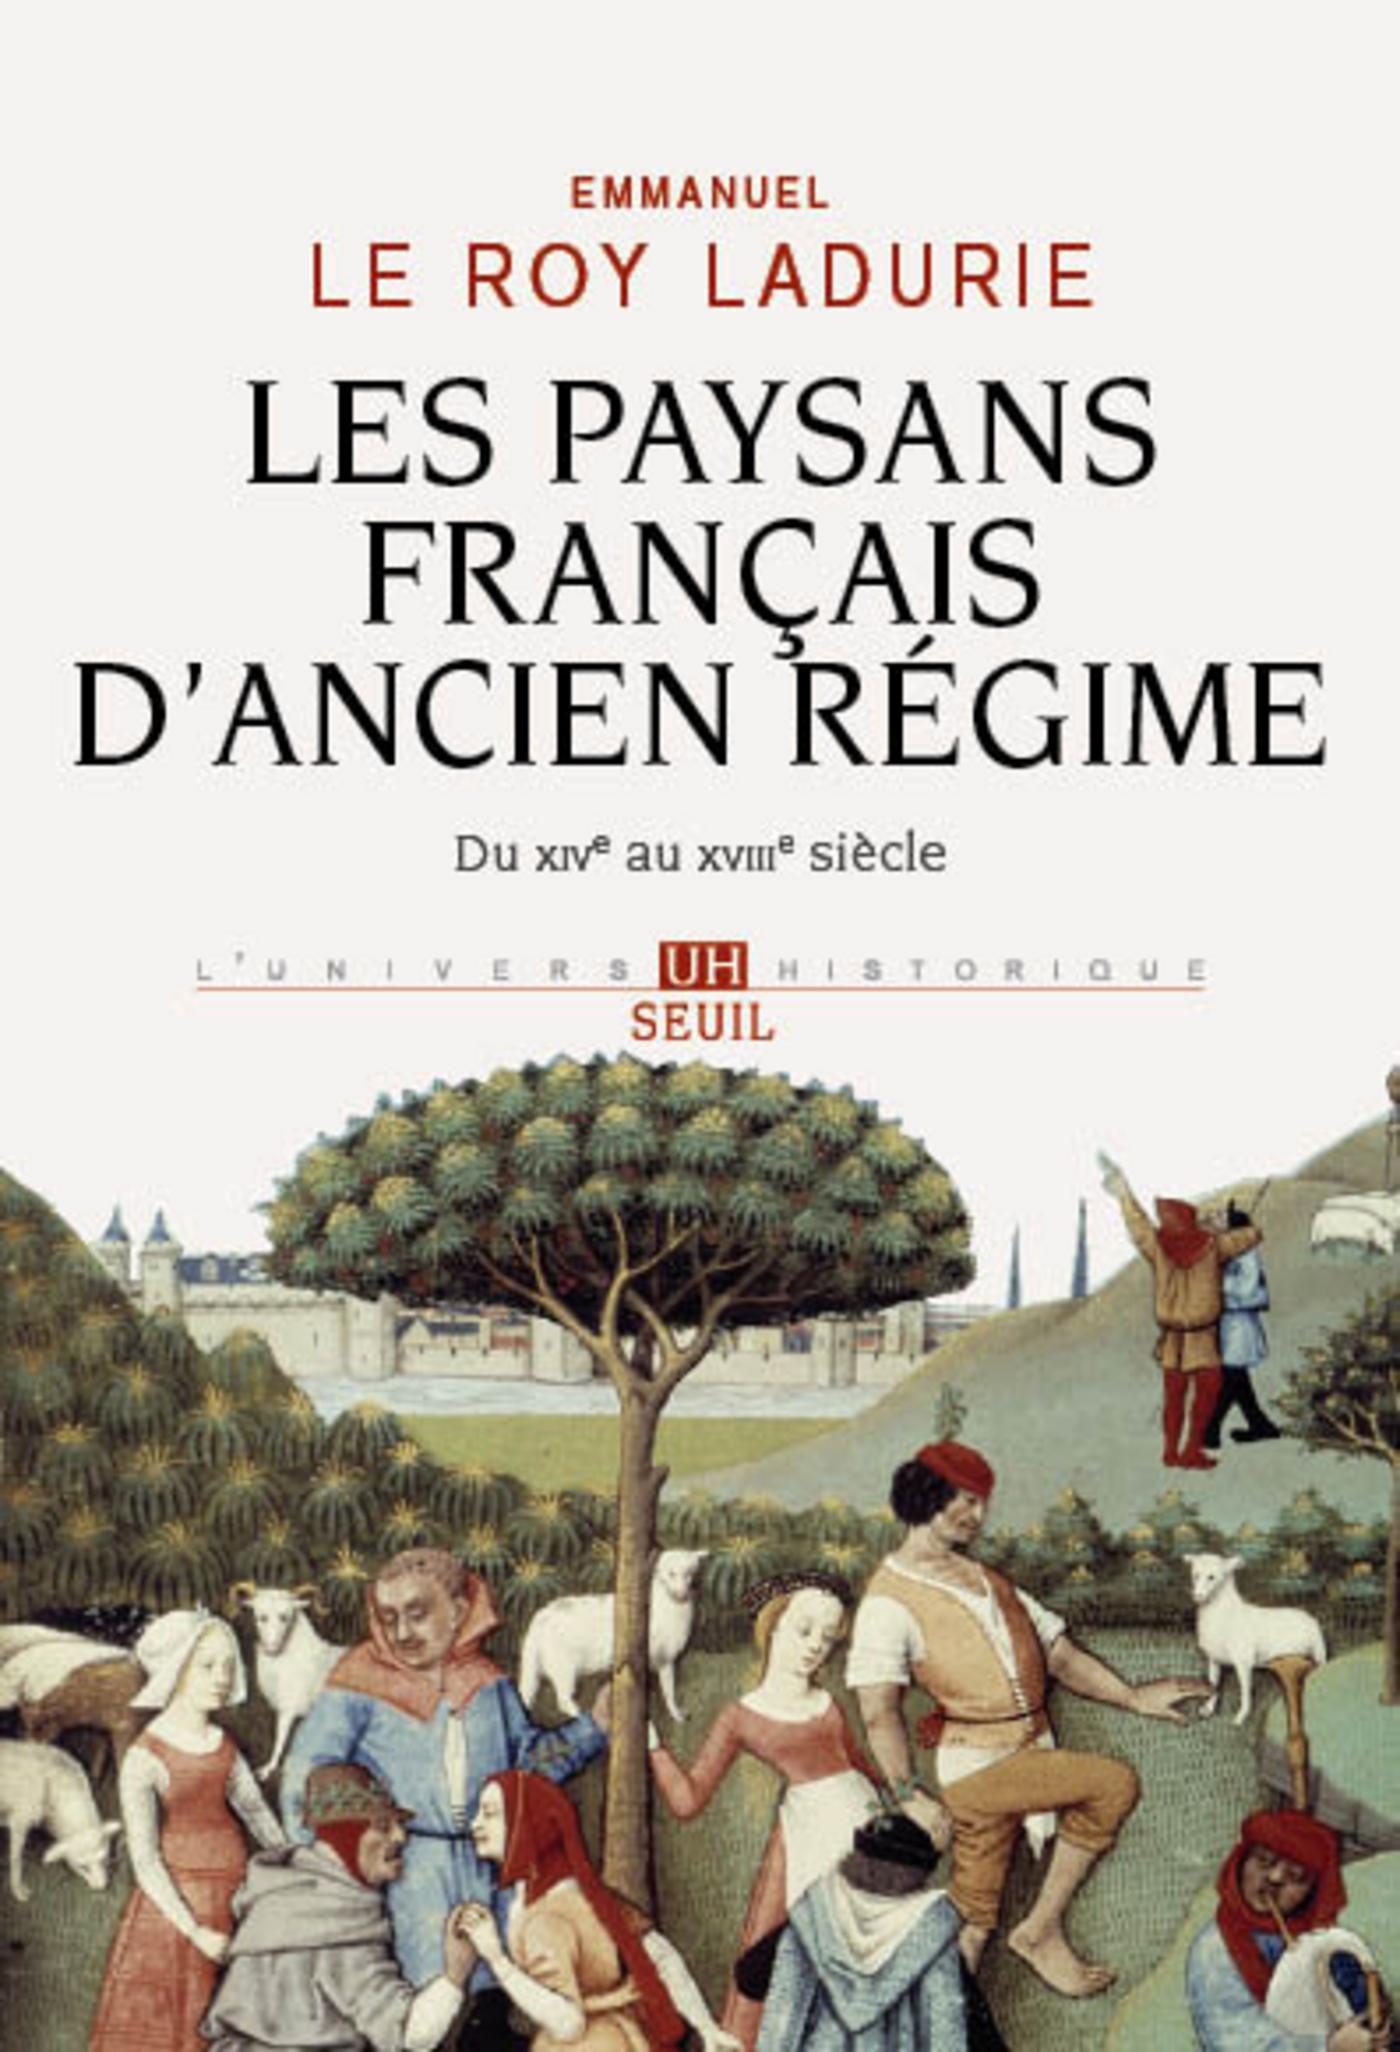 Les Paysans français d'Ancien Régime. Du XIVe au XVIIIe siècle   Le Roy Ladurie, Emmanuel